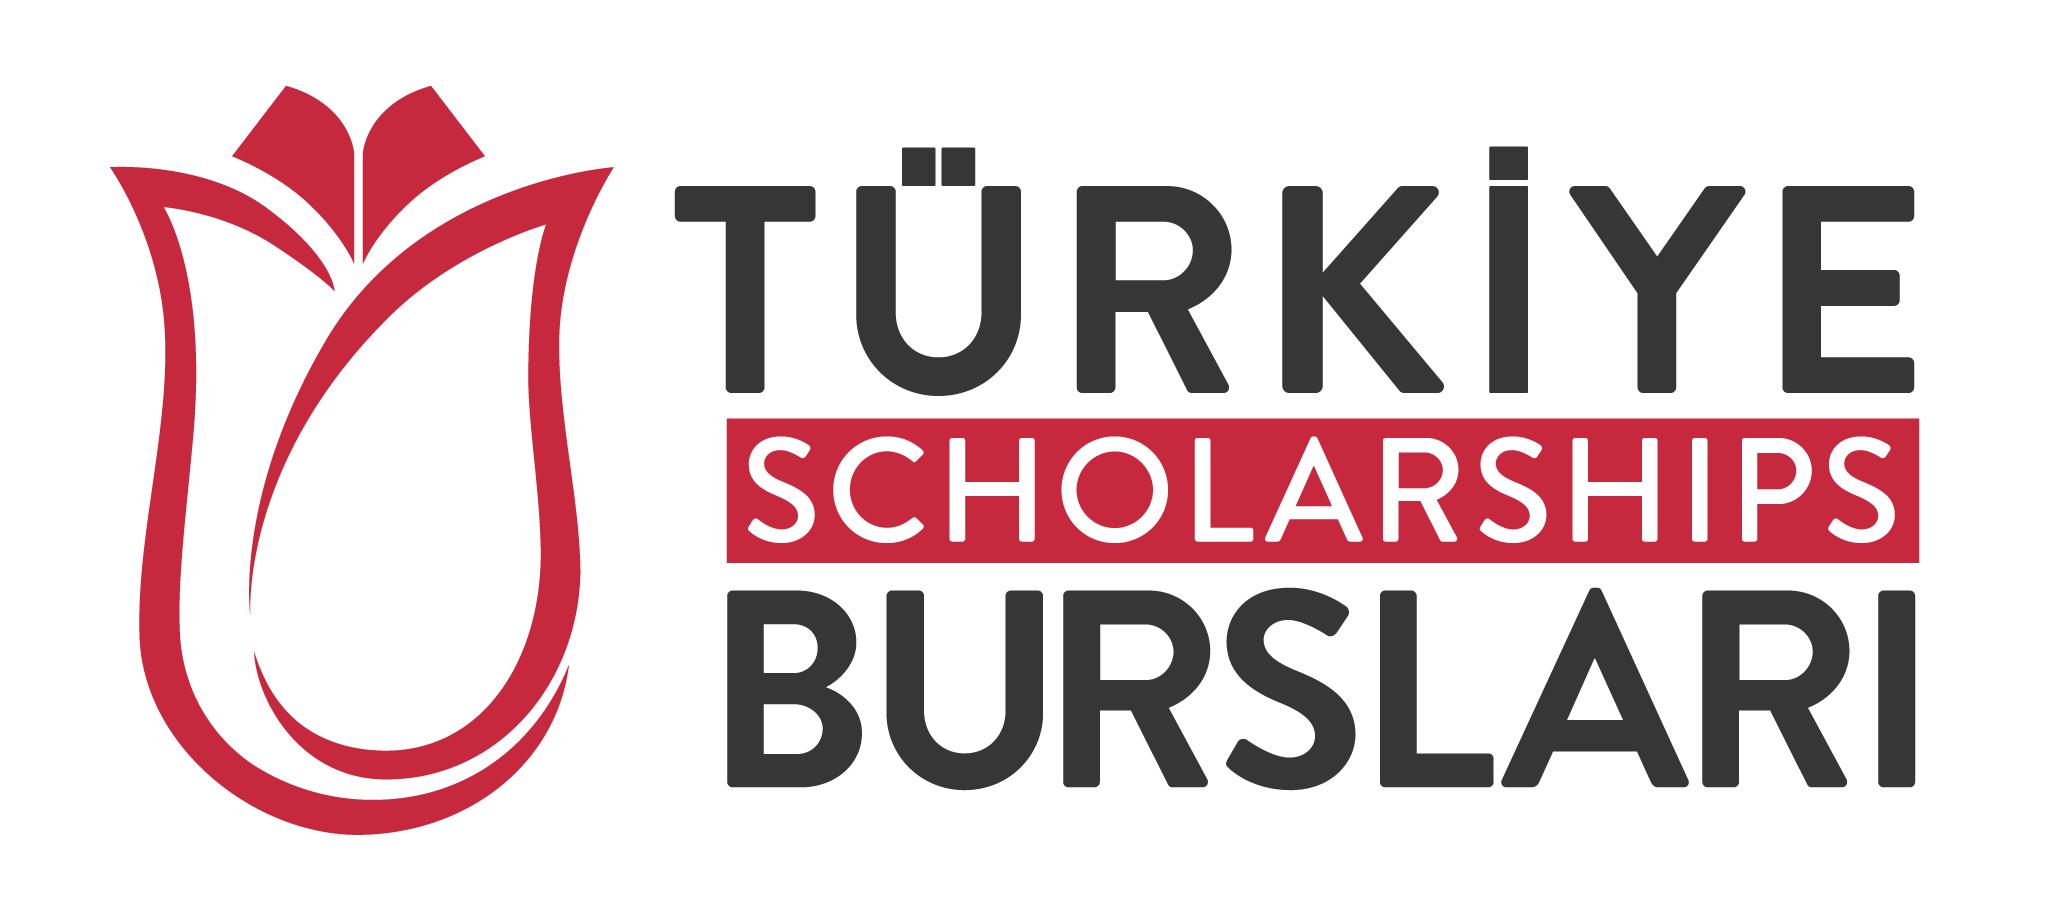 المنحة التركية المجانية وكل مايتعلق بها